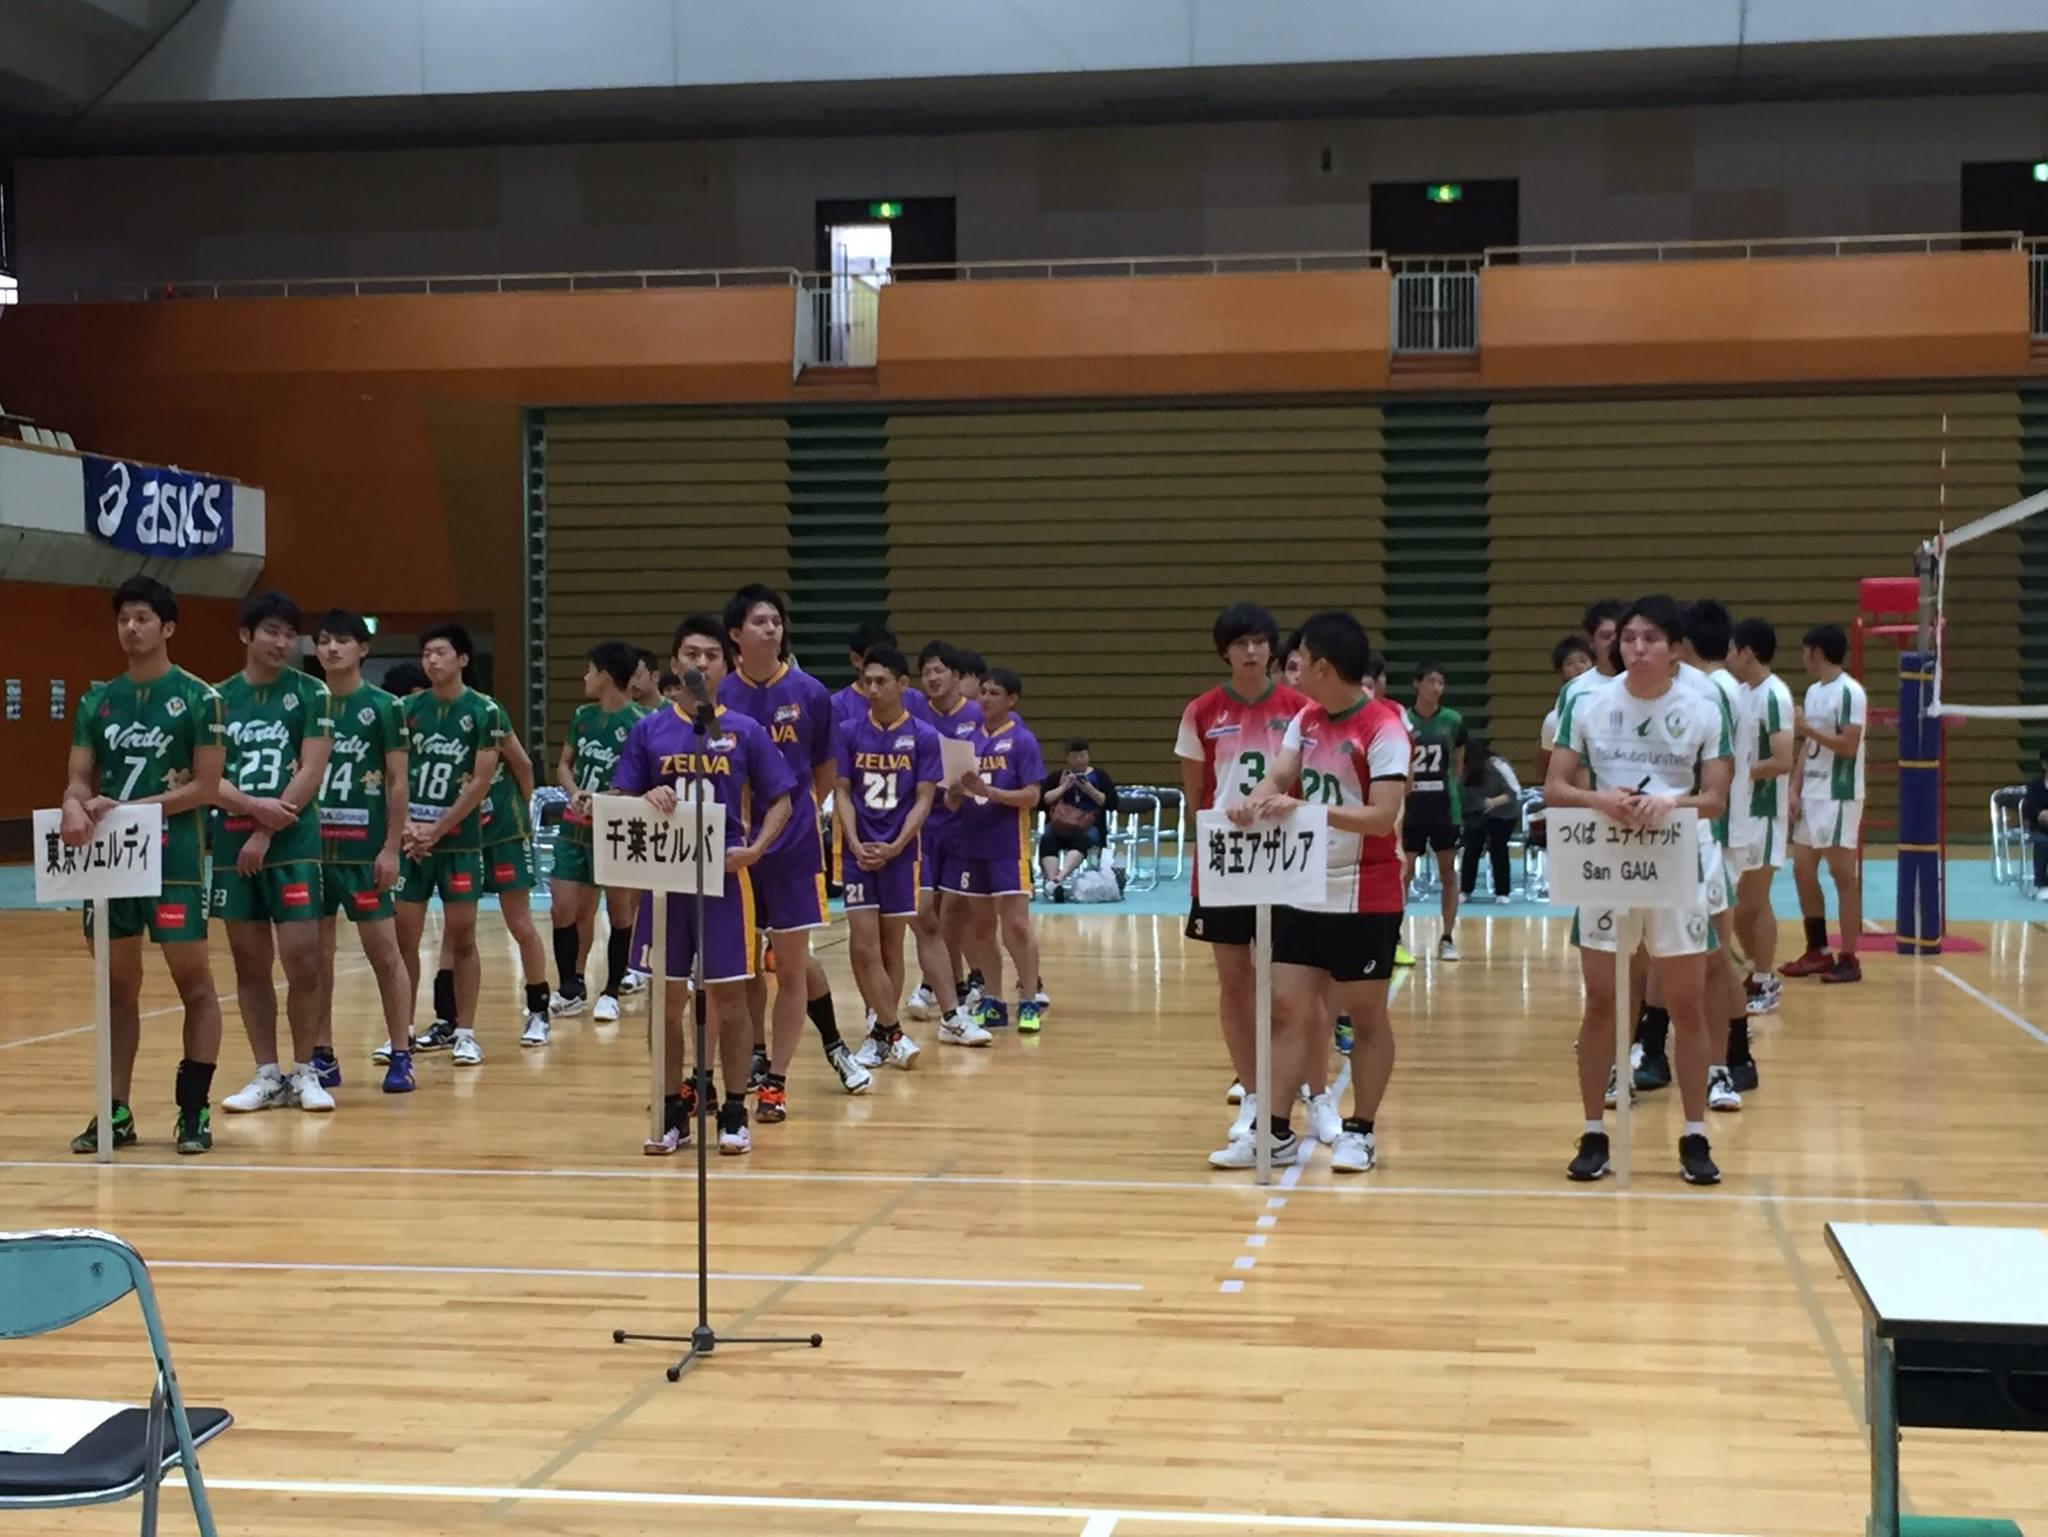 2017サマーカップ 関東男子Vクラブチーム 最強決定戦